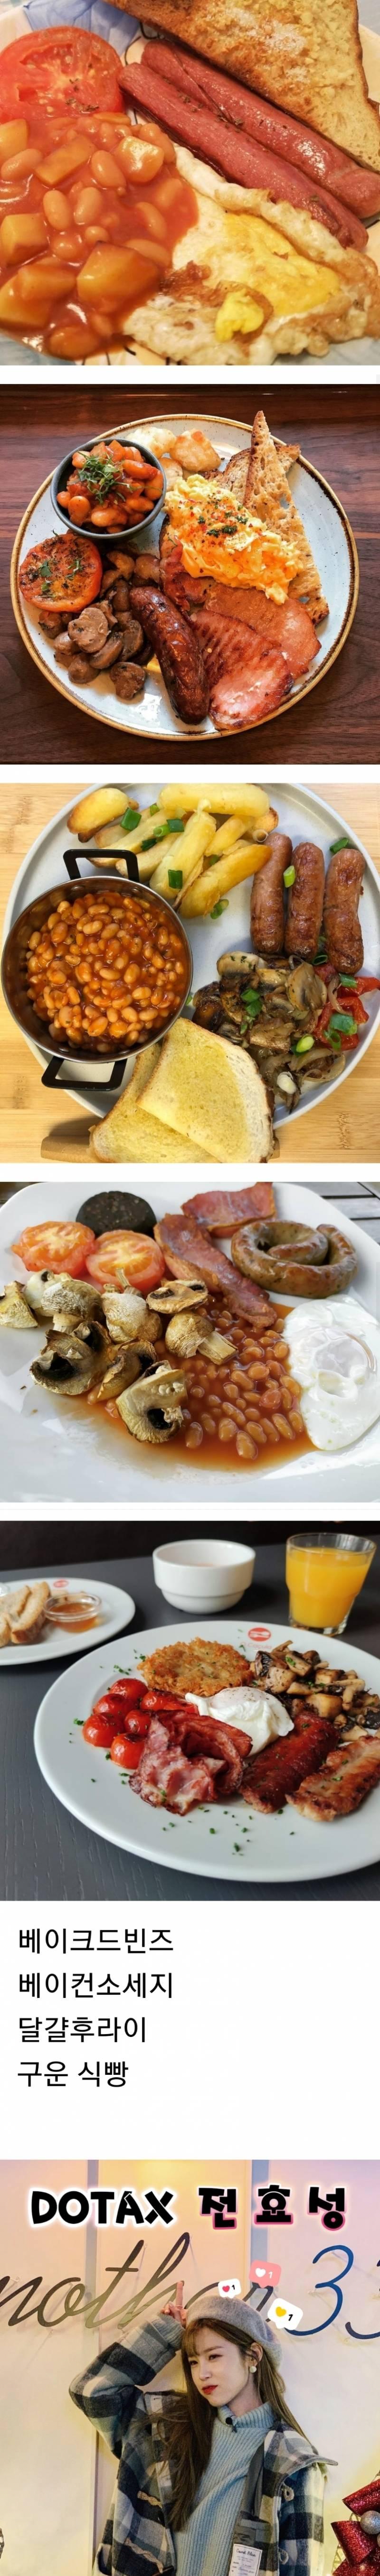 영국식 아침식사..........jpg | 인스티즈